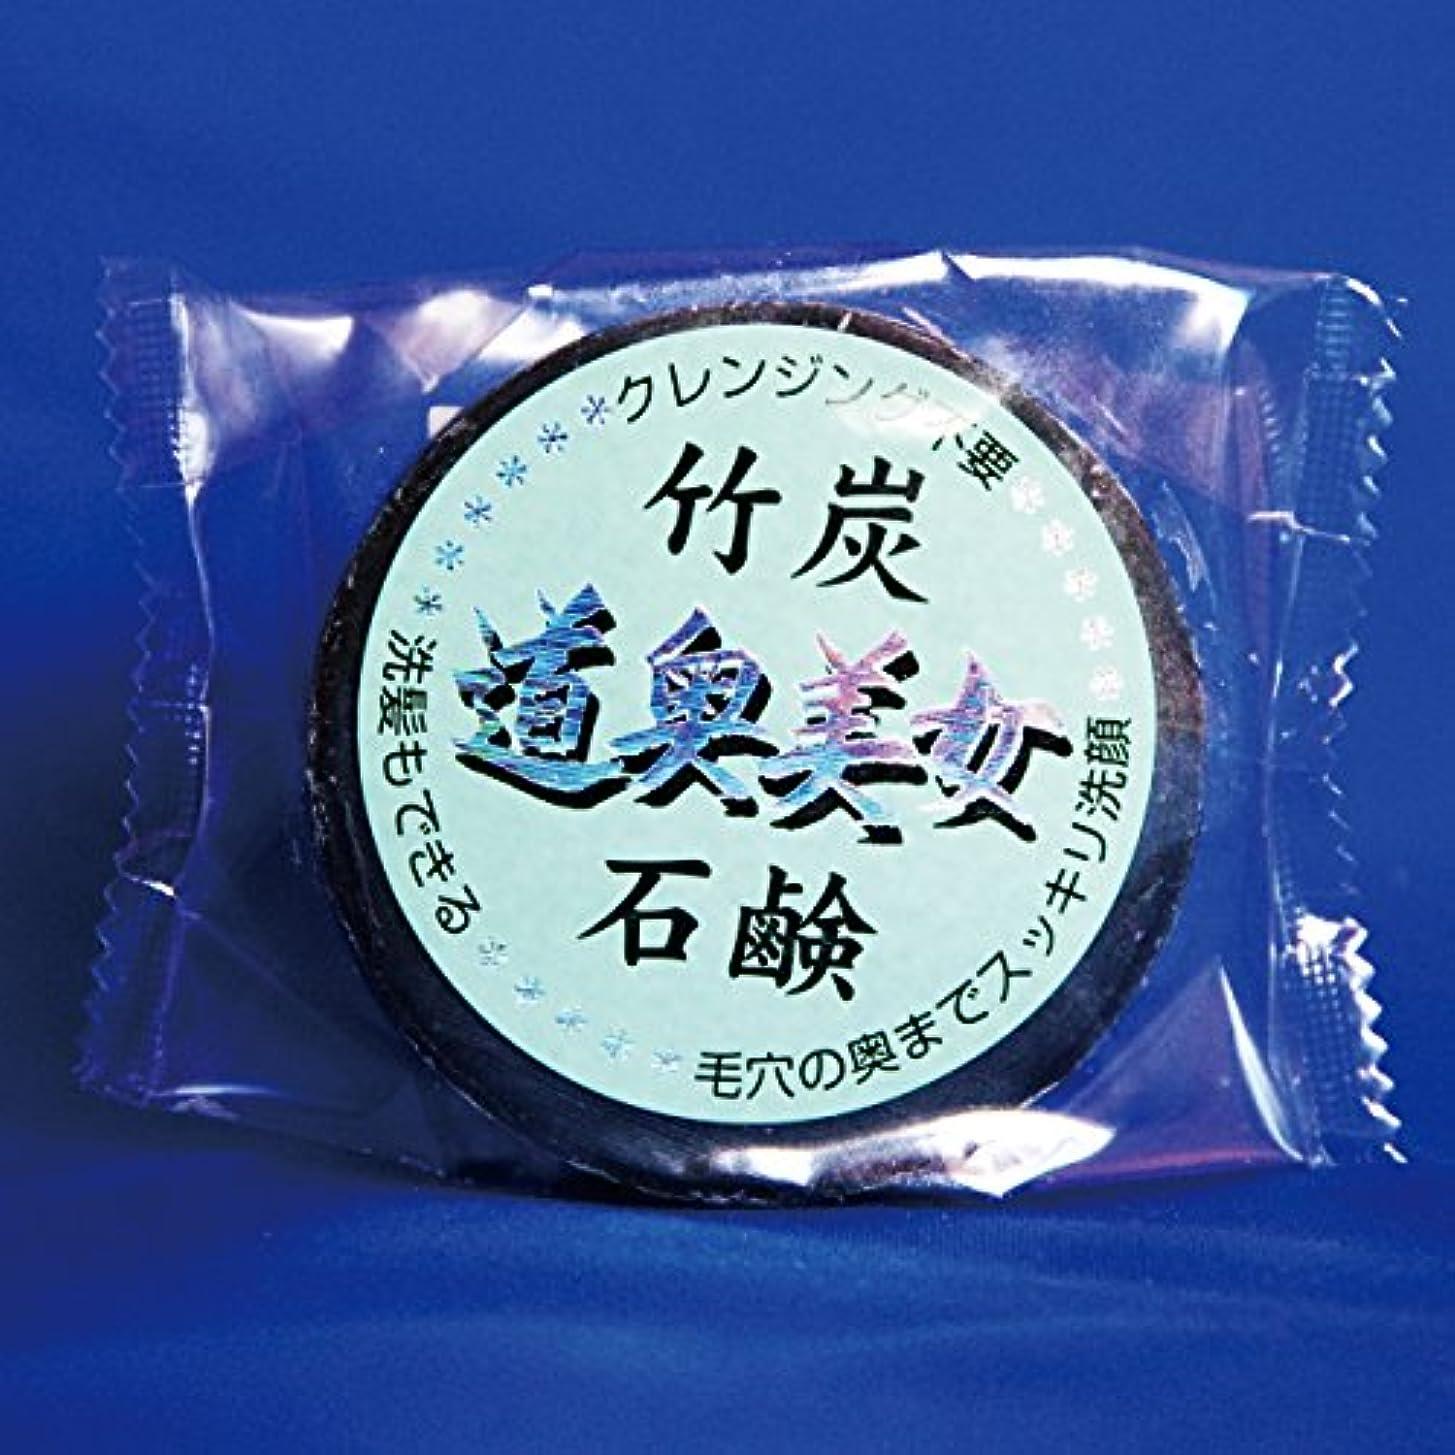 ぐったり記者割れ目竹炭石鹸 100g クレンジング不要 (100g) 手作り透明石鹸 化粧石ケン